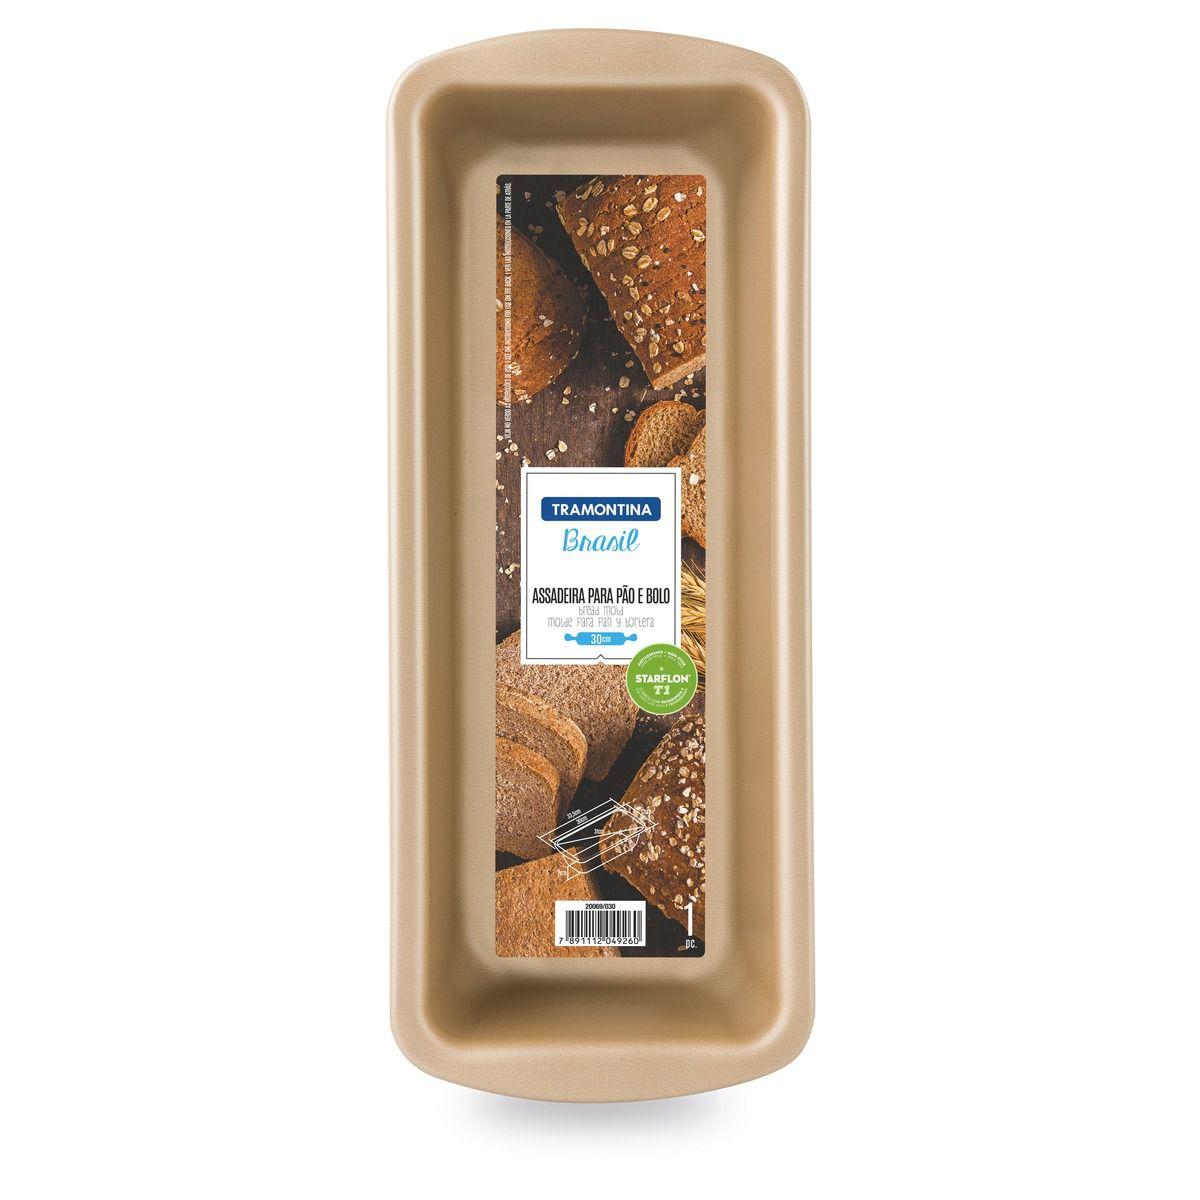 Forma para pão e bolo de alumínio com revestimento interno antiaderente 26cm 20069/726 | Lojas Estrela